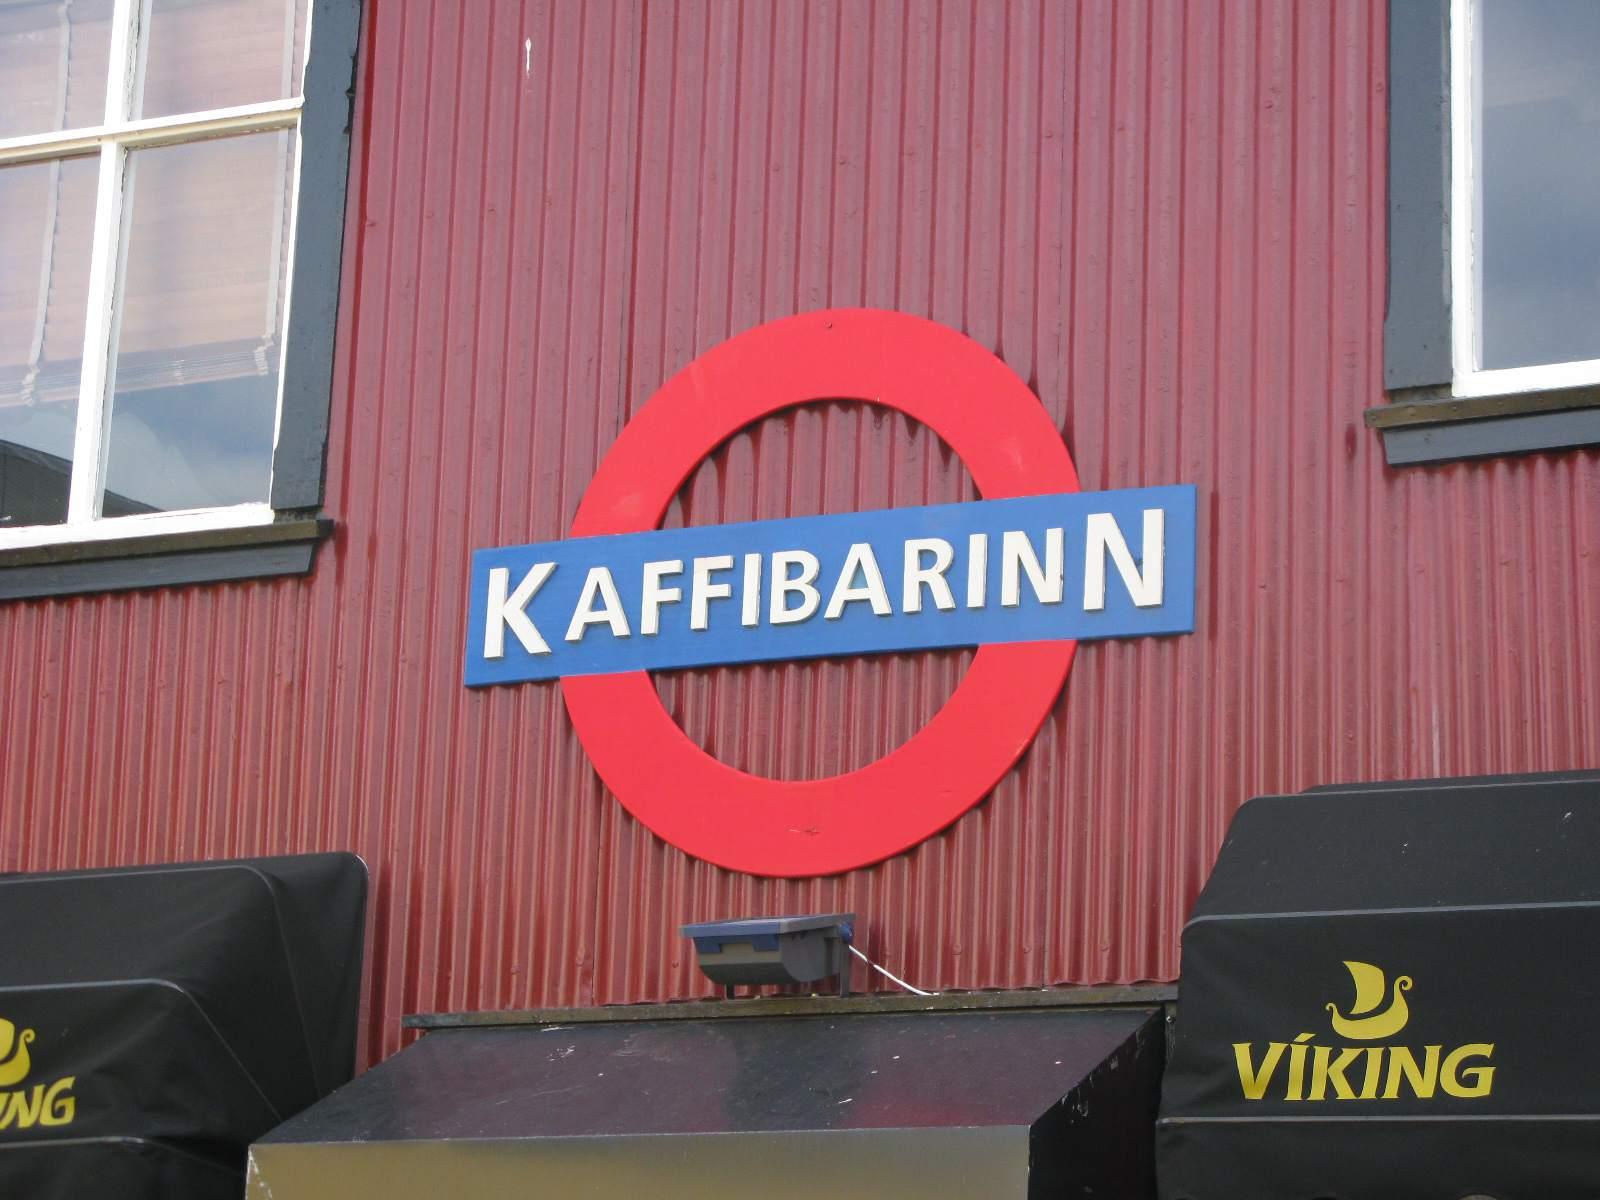 Kaffibarinn, Reykjavik Iceland